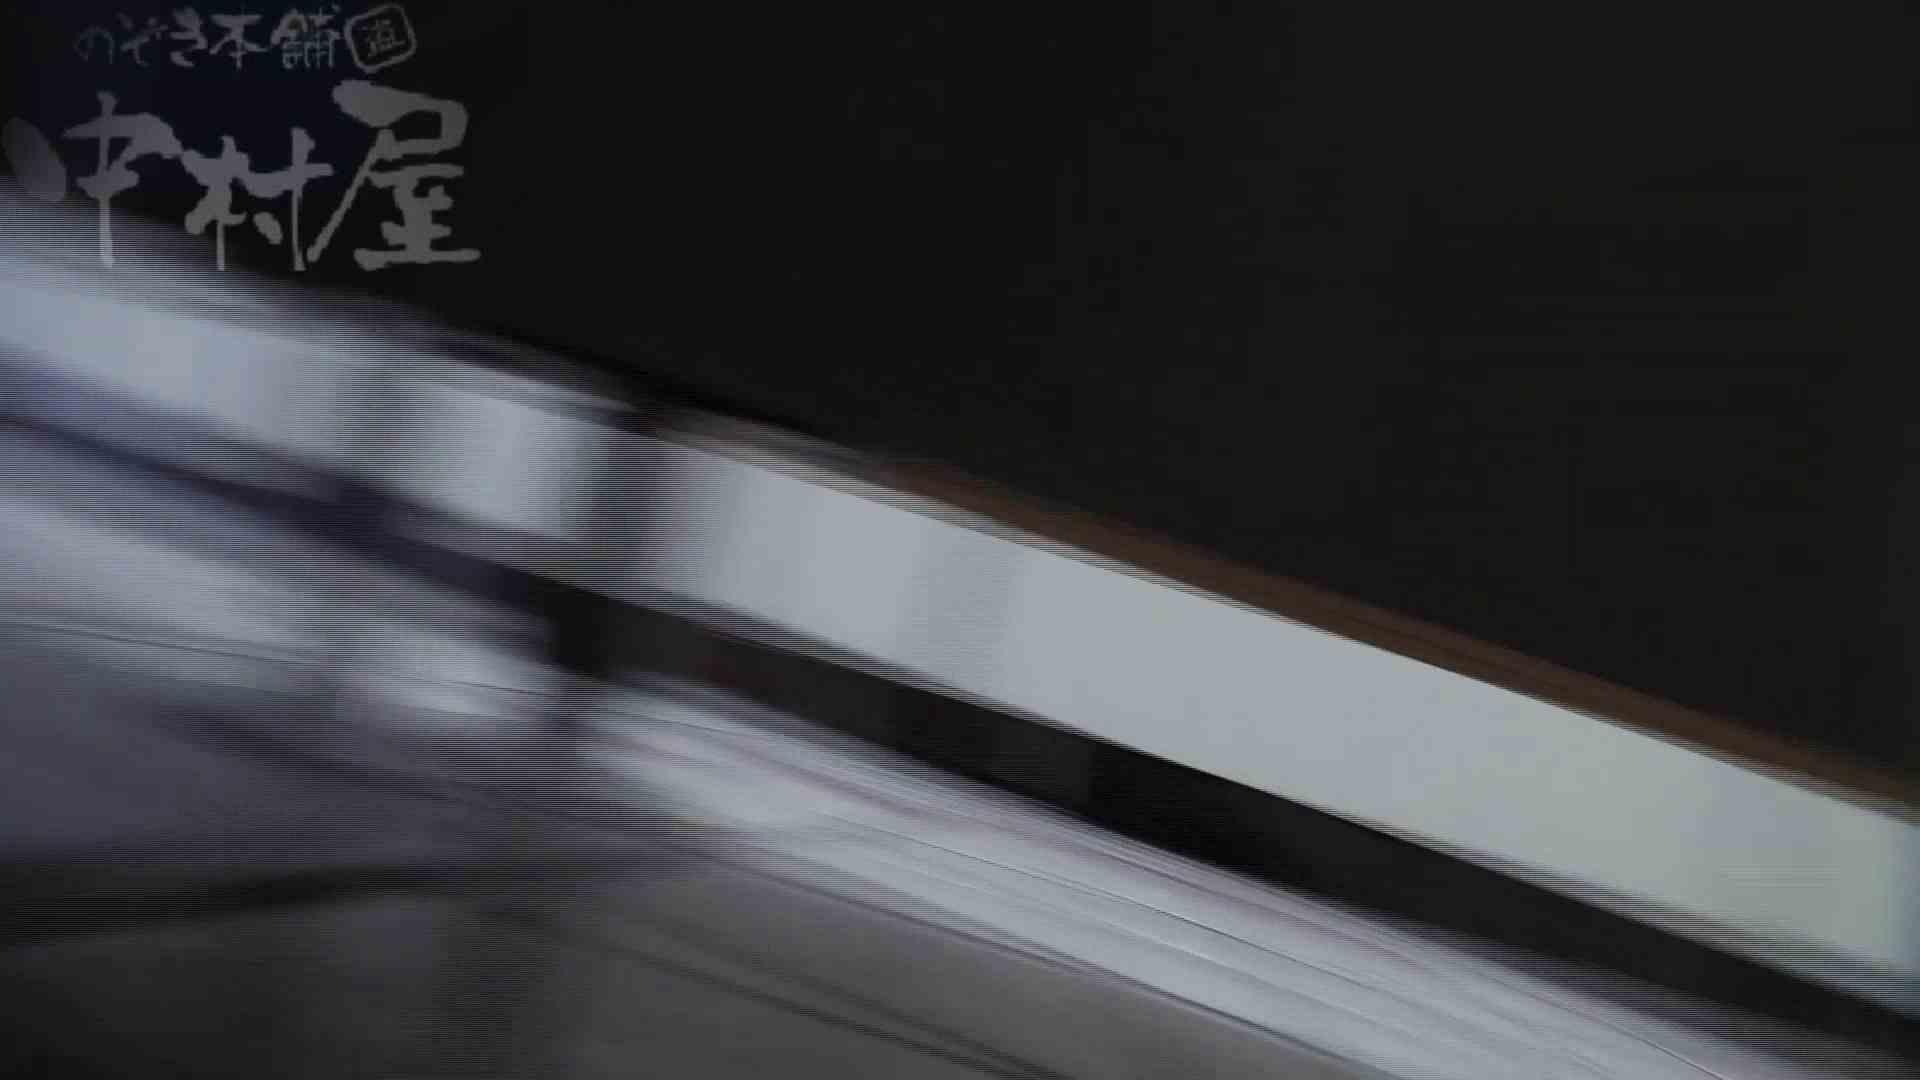 美しい日本の未来 No.34 緊迫!予告モデル撮ろうとしたら清掃員に遭遇 盗撮シリーズ 盗み撮り動画 79PIX 51